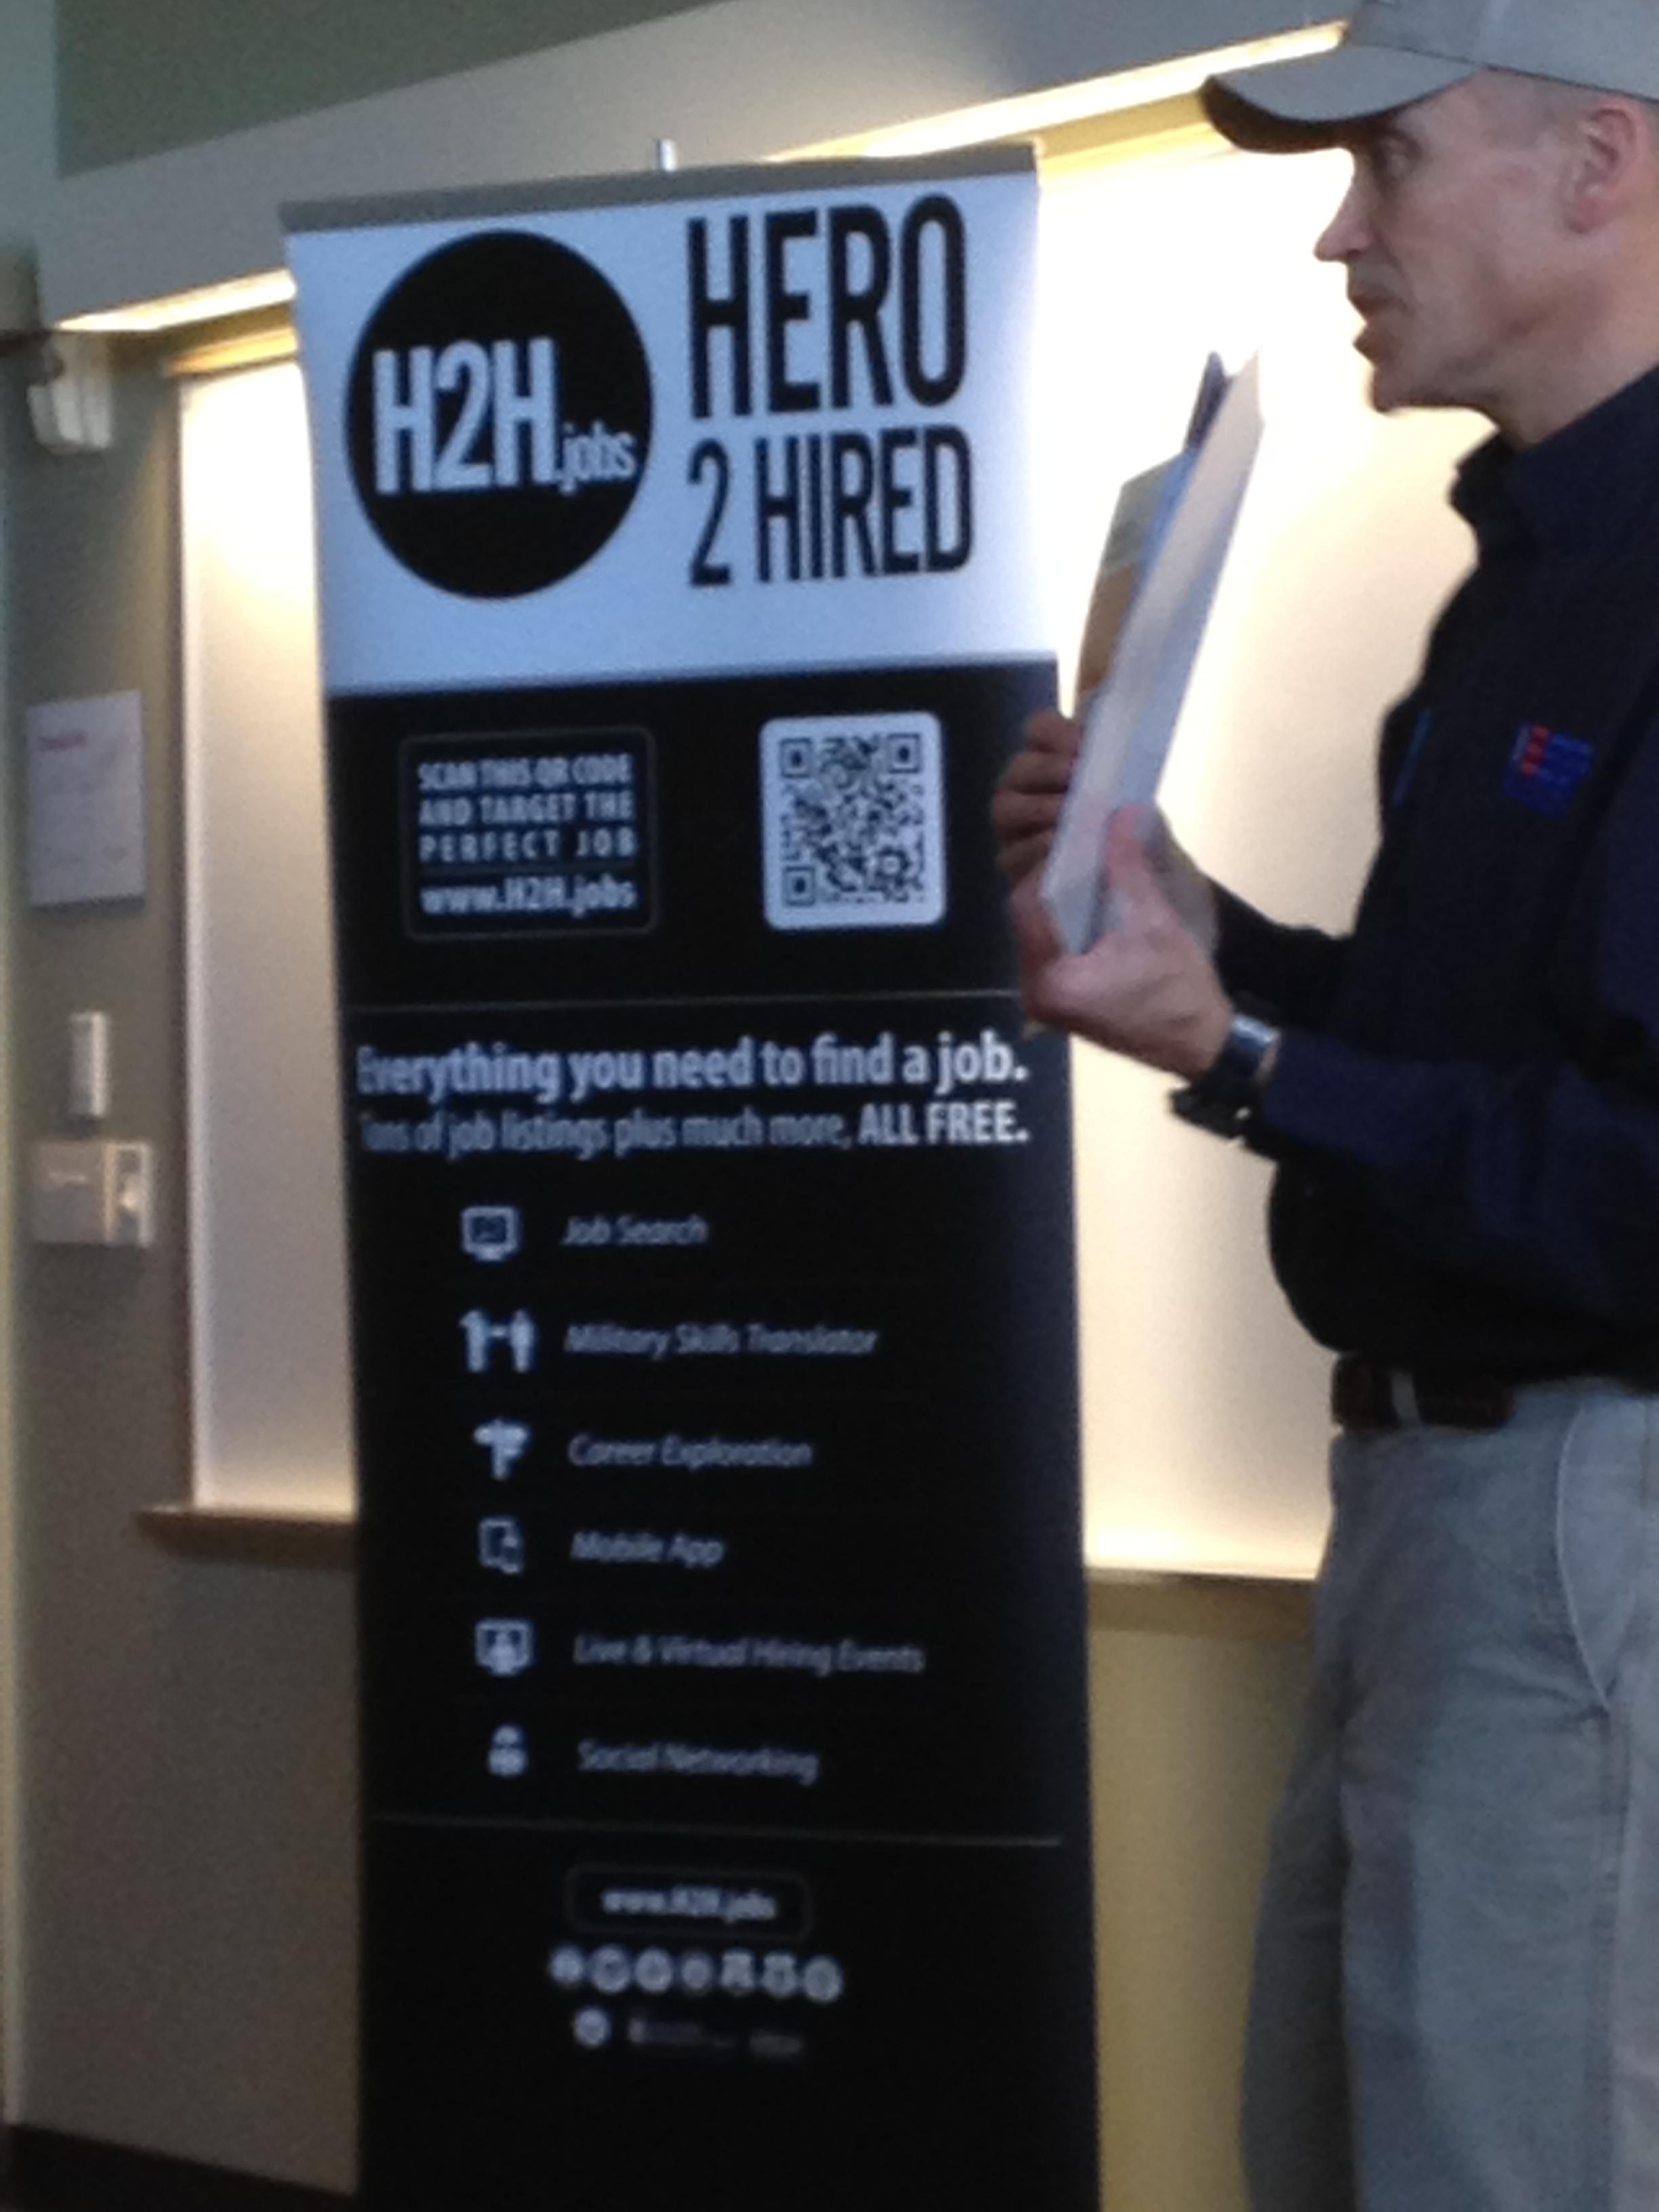 hero 2 hired